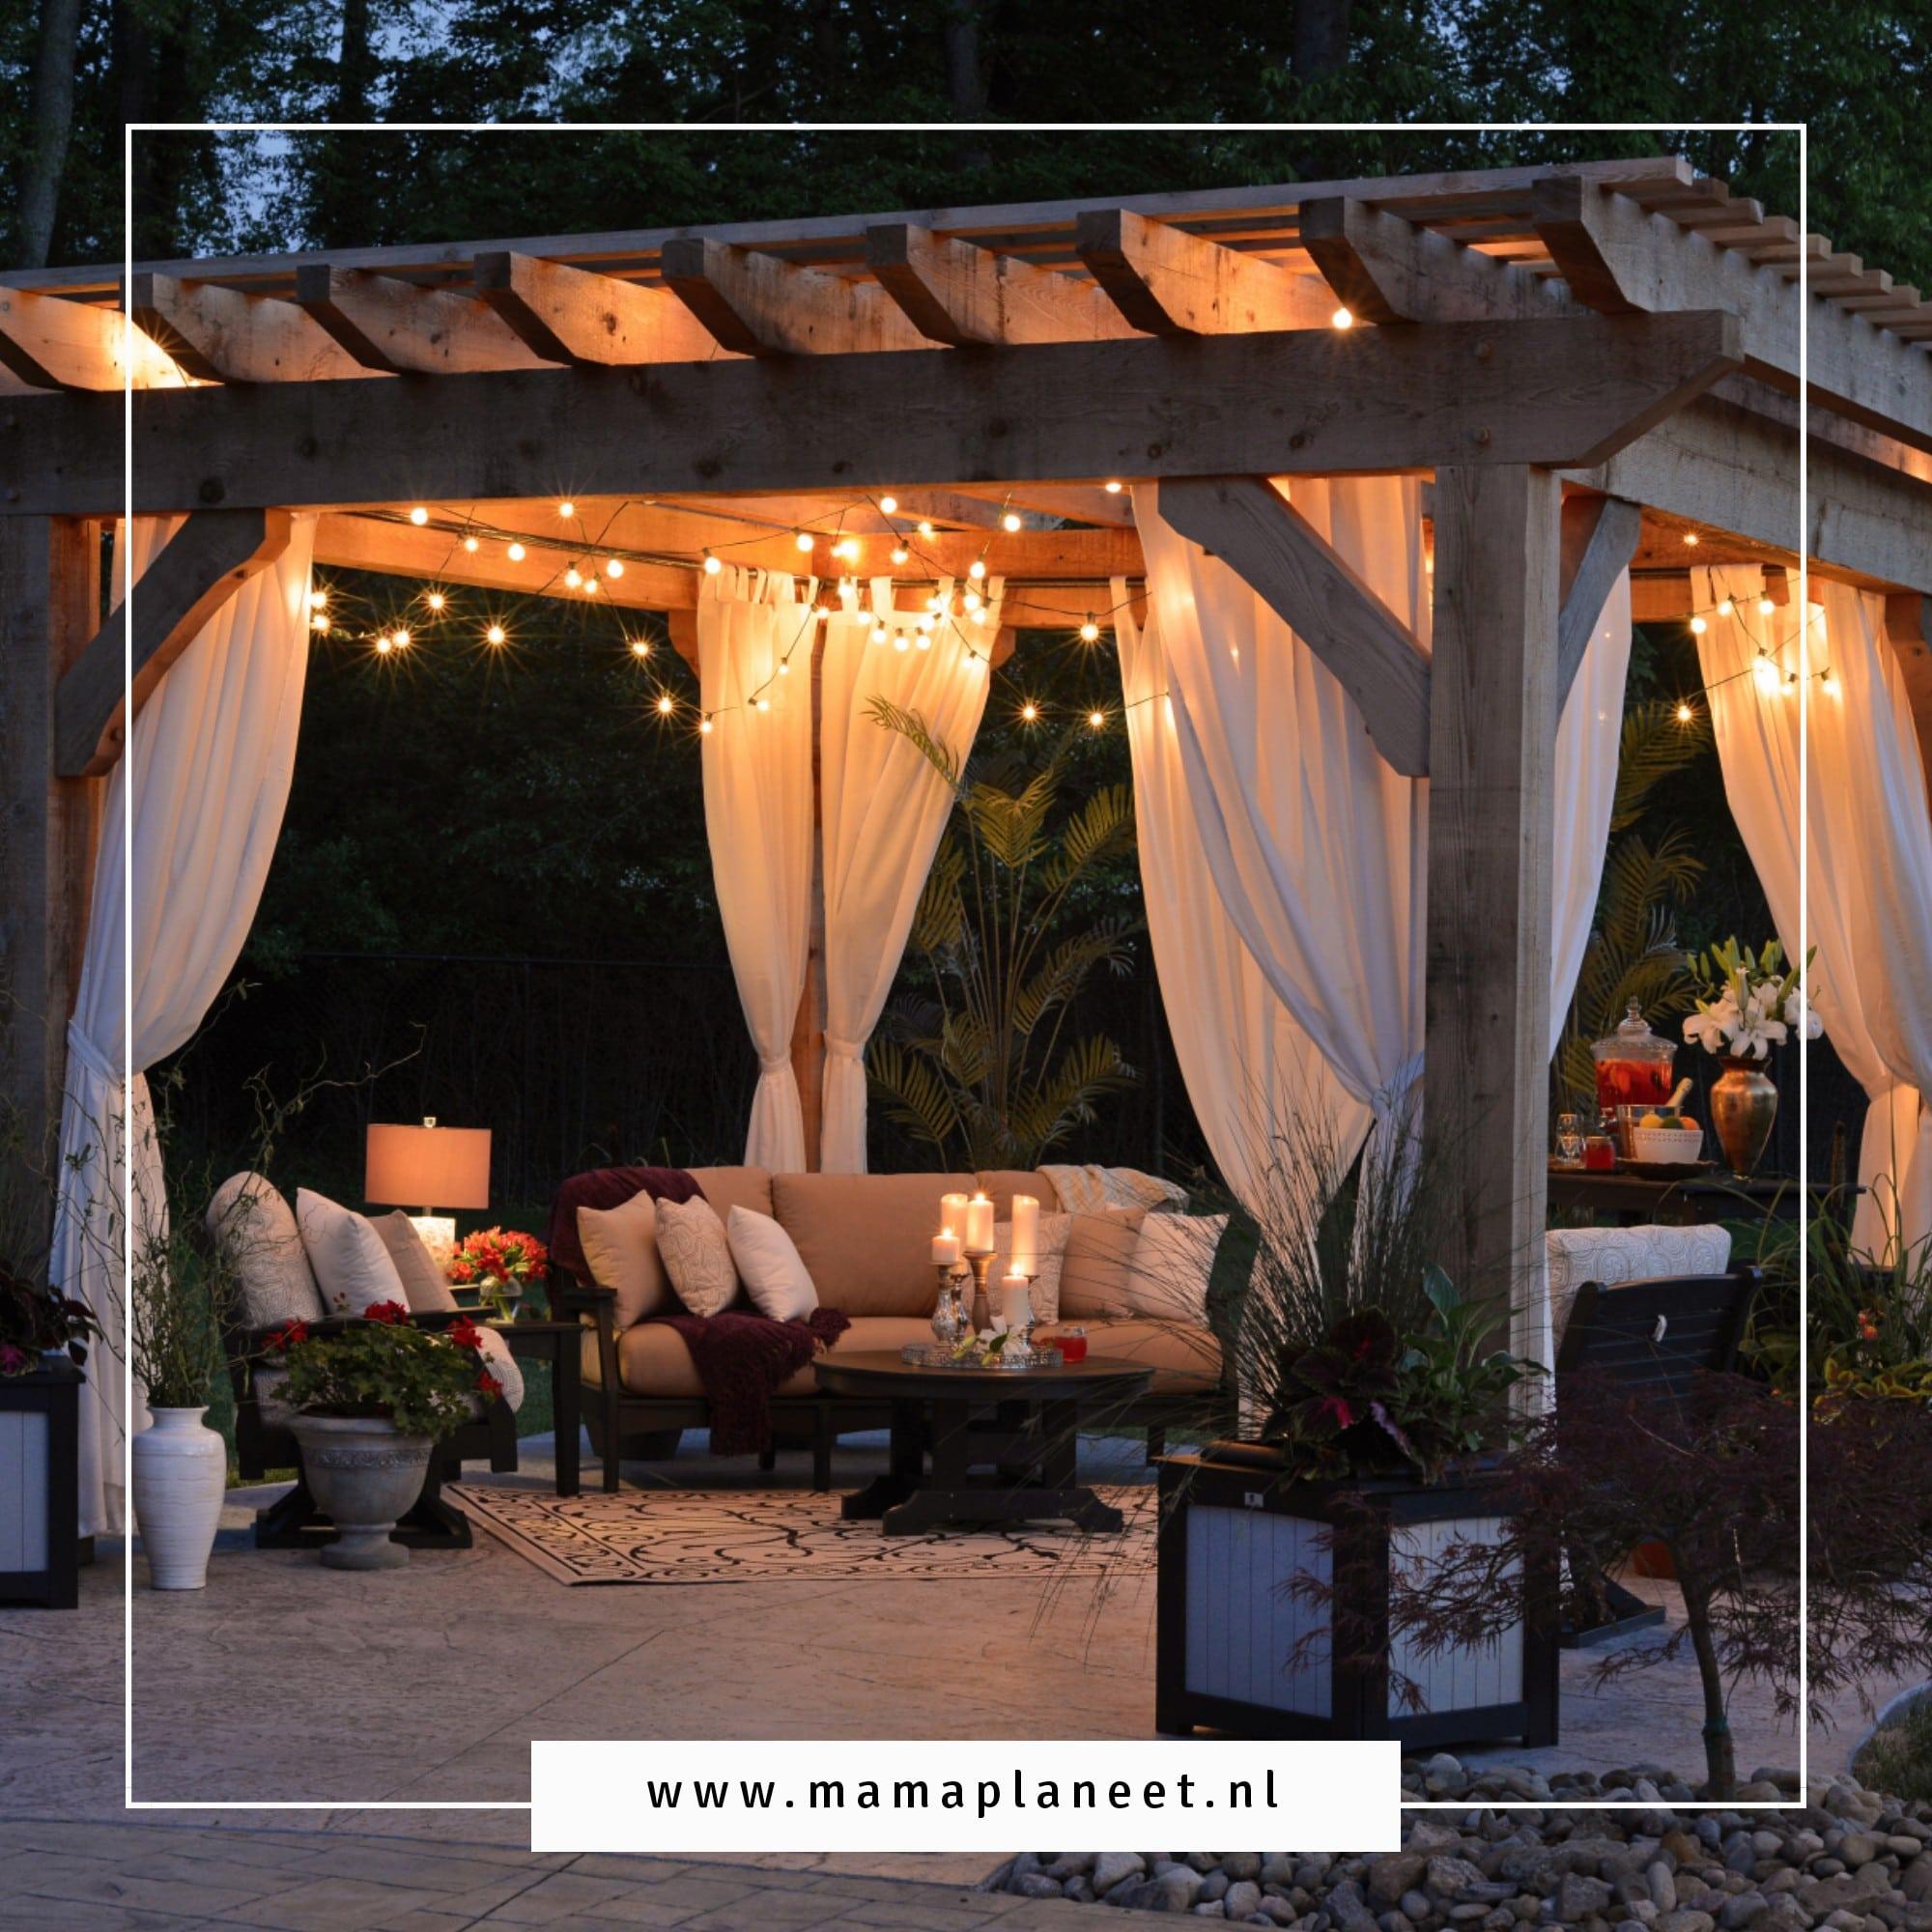 gezellige tuin waar tuinset lounge staat dat eens in zoveel tijd ook schoongemaakt moet worden